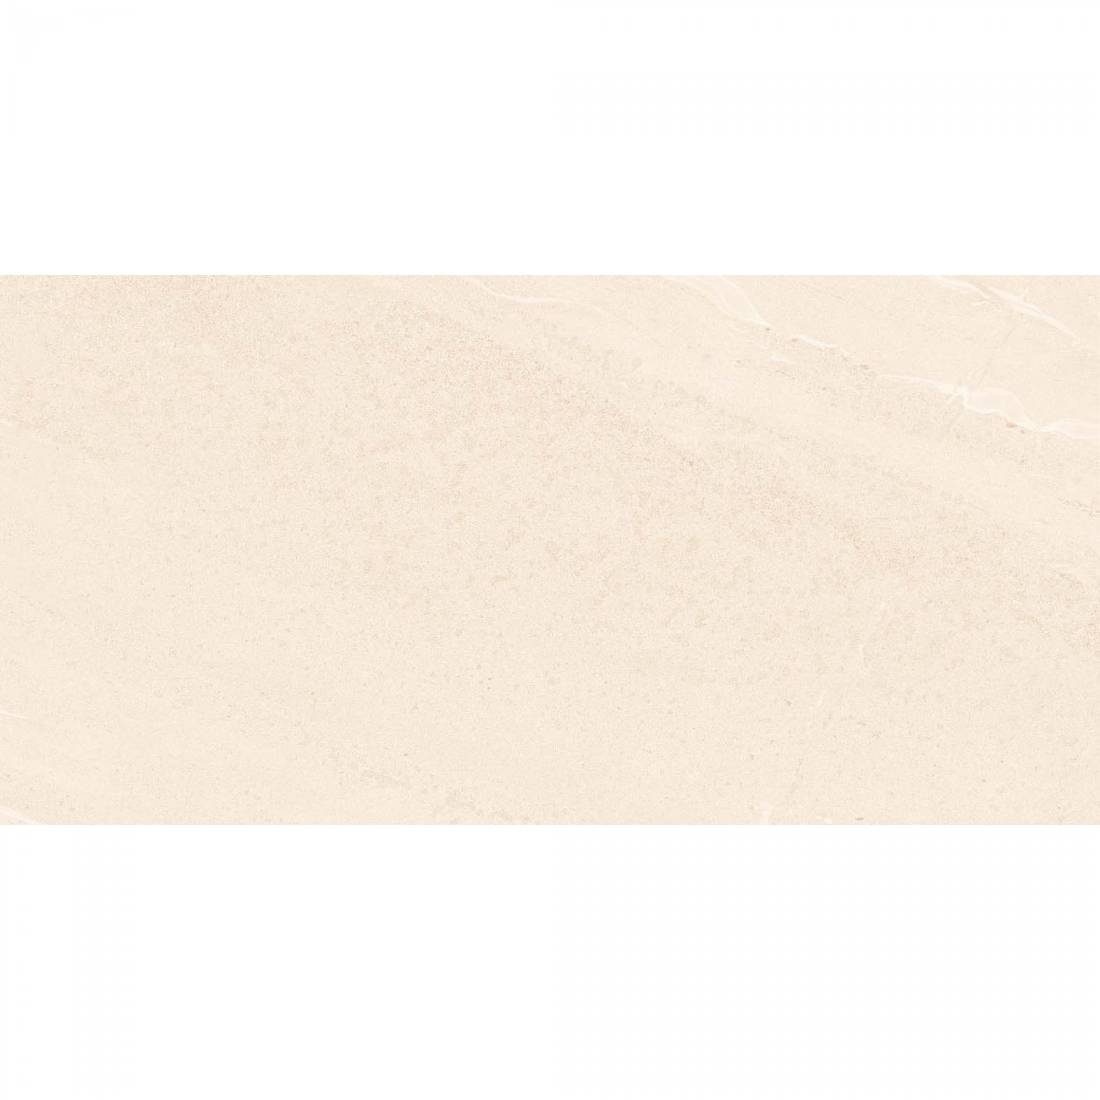 Strata 30x60 Tope Polished 1